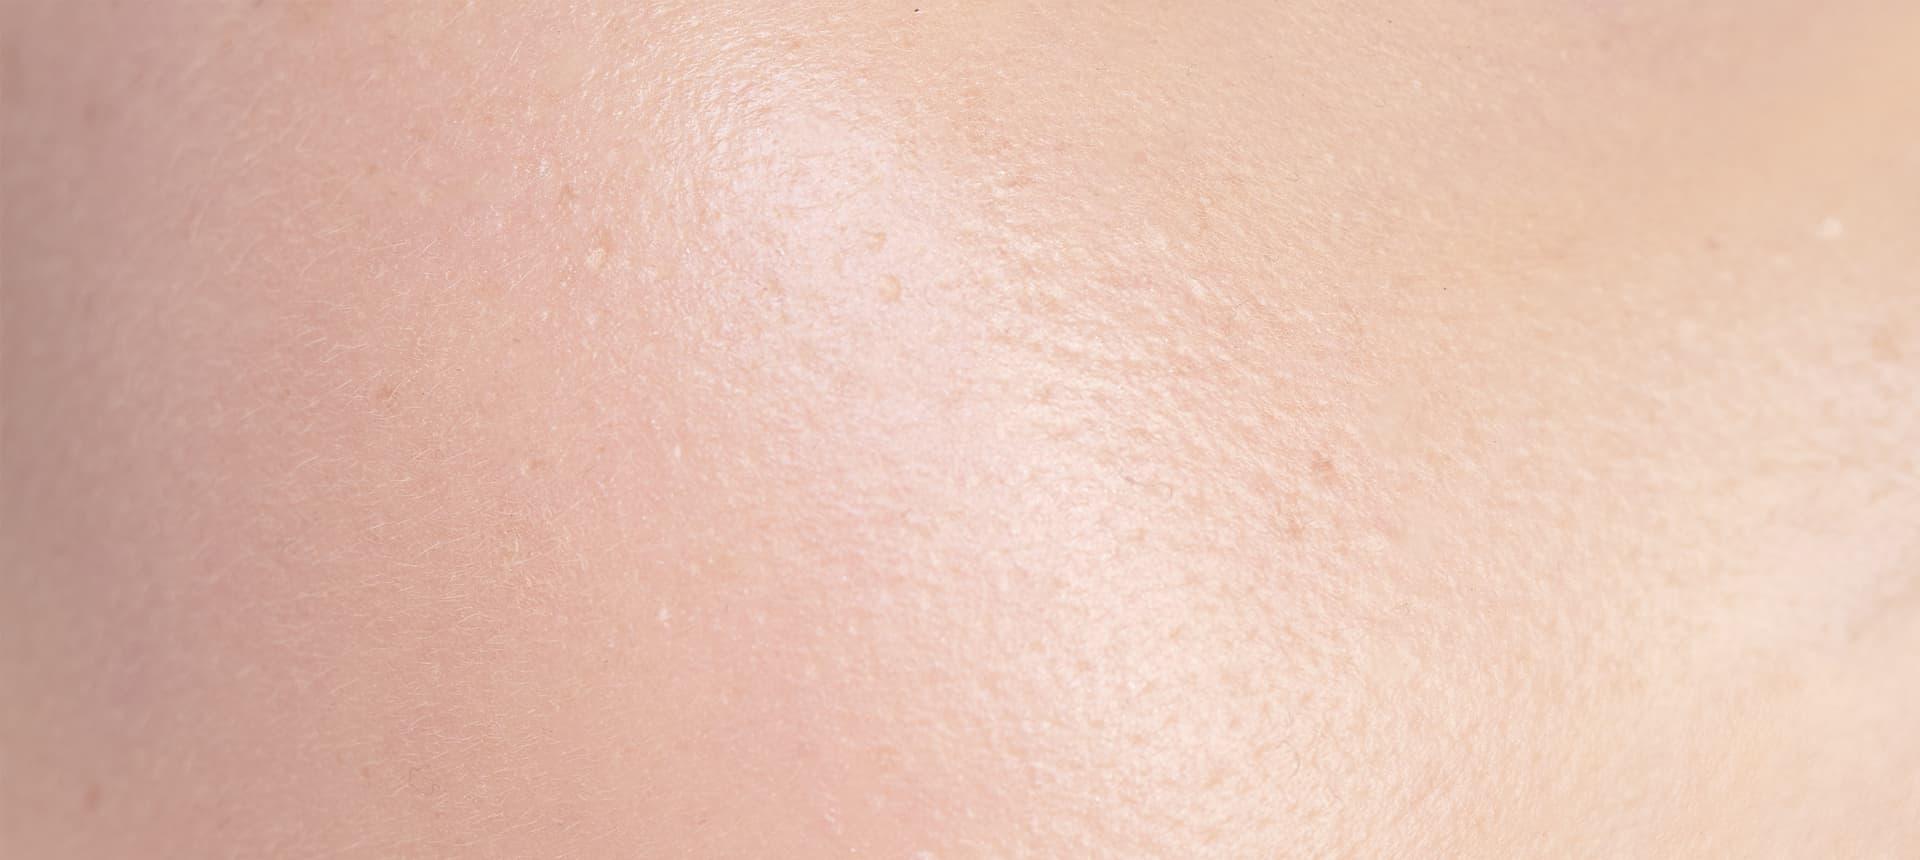 El impacto del exposoma:Los efectos sobre la piel